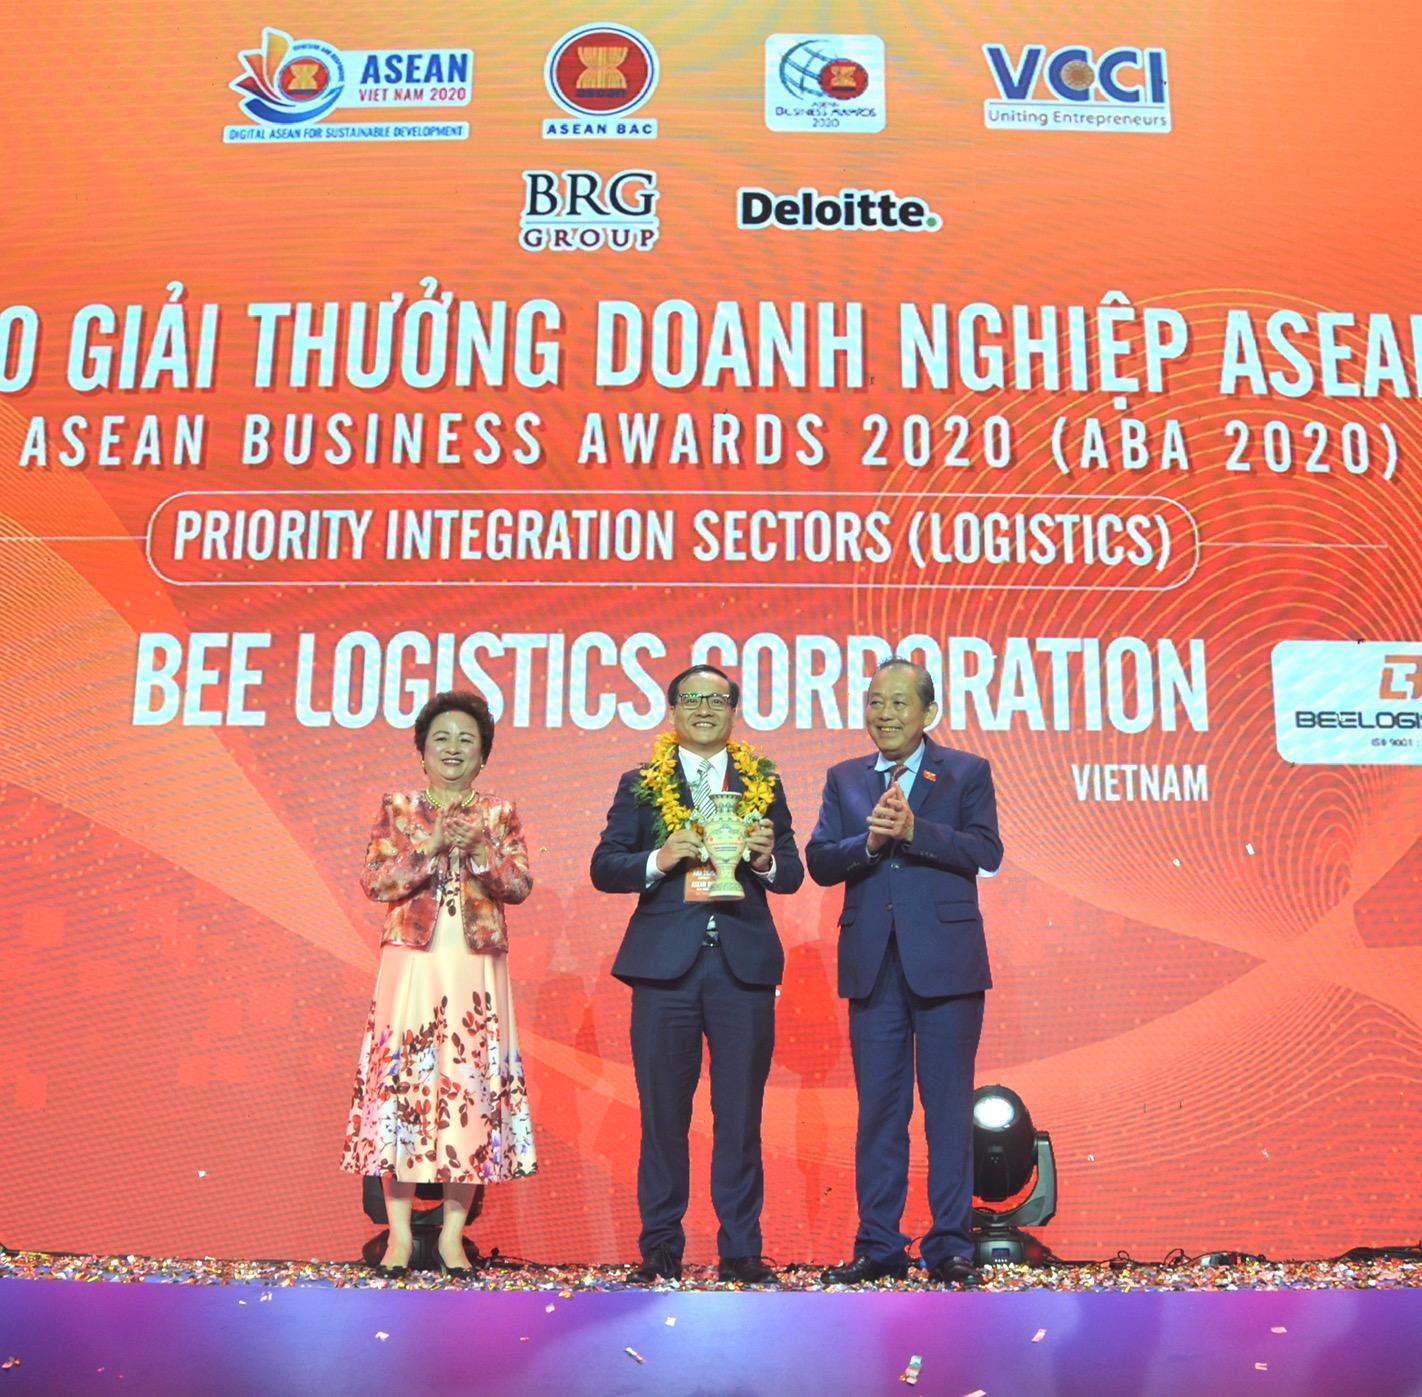 Bee Logistics nhận Giải thưởng Doanh nghiệp ASEAN lần thứ 2 liên tiếp